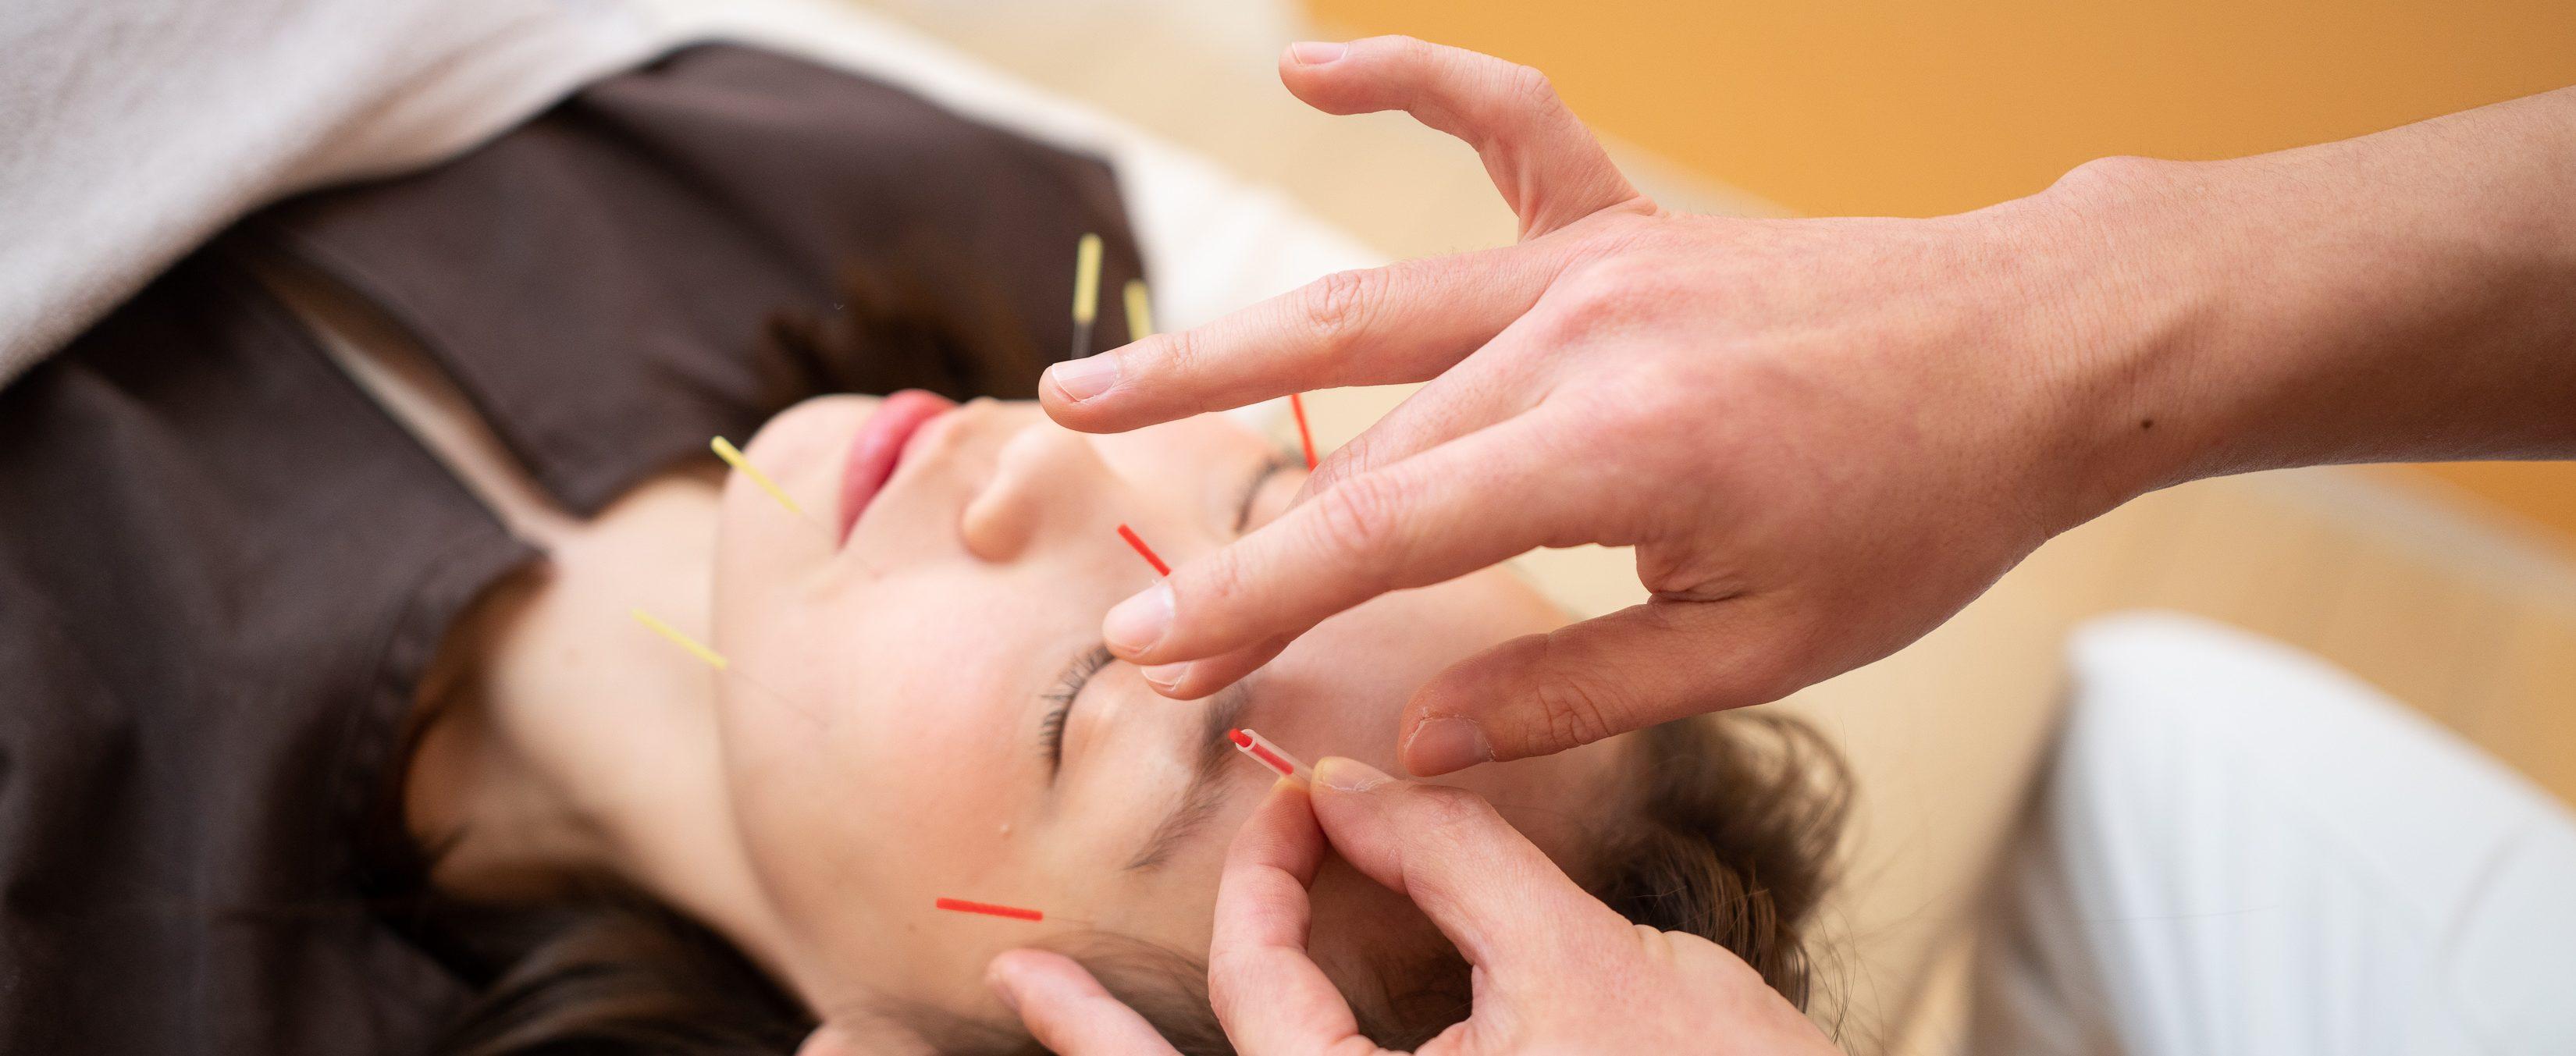 仙台市で美容鍼なら、おきの鍼灸整骨院へ